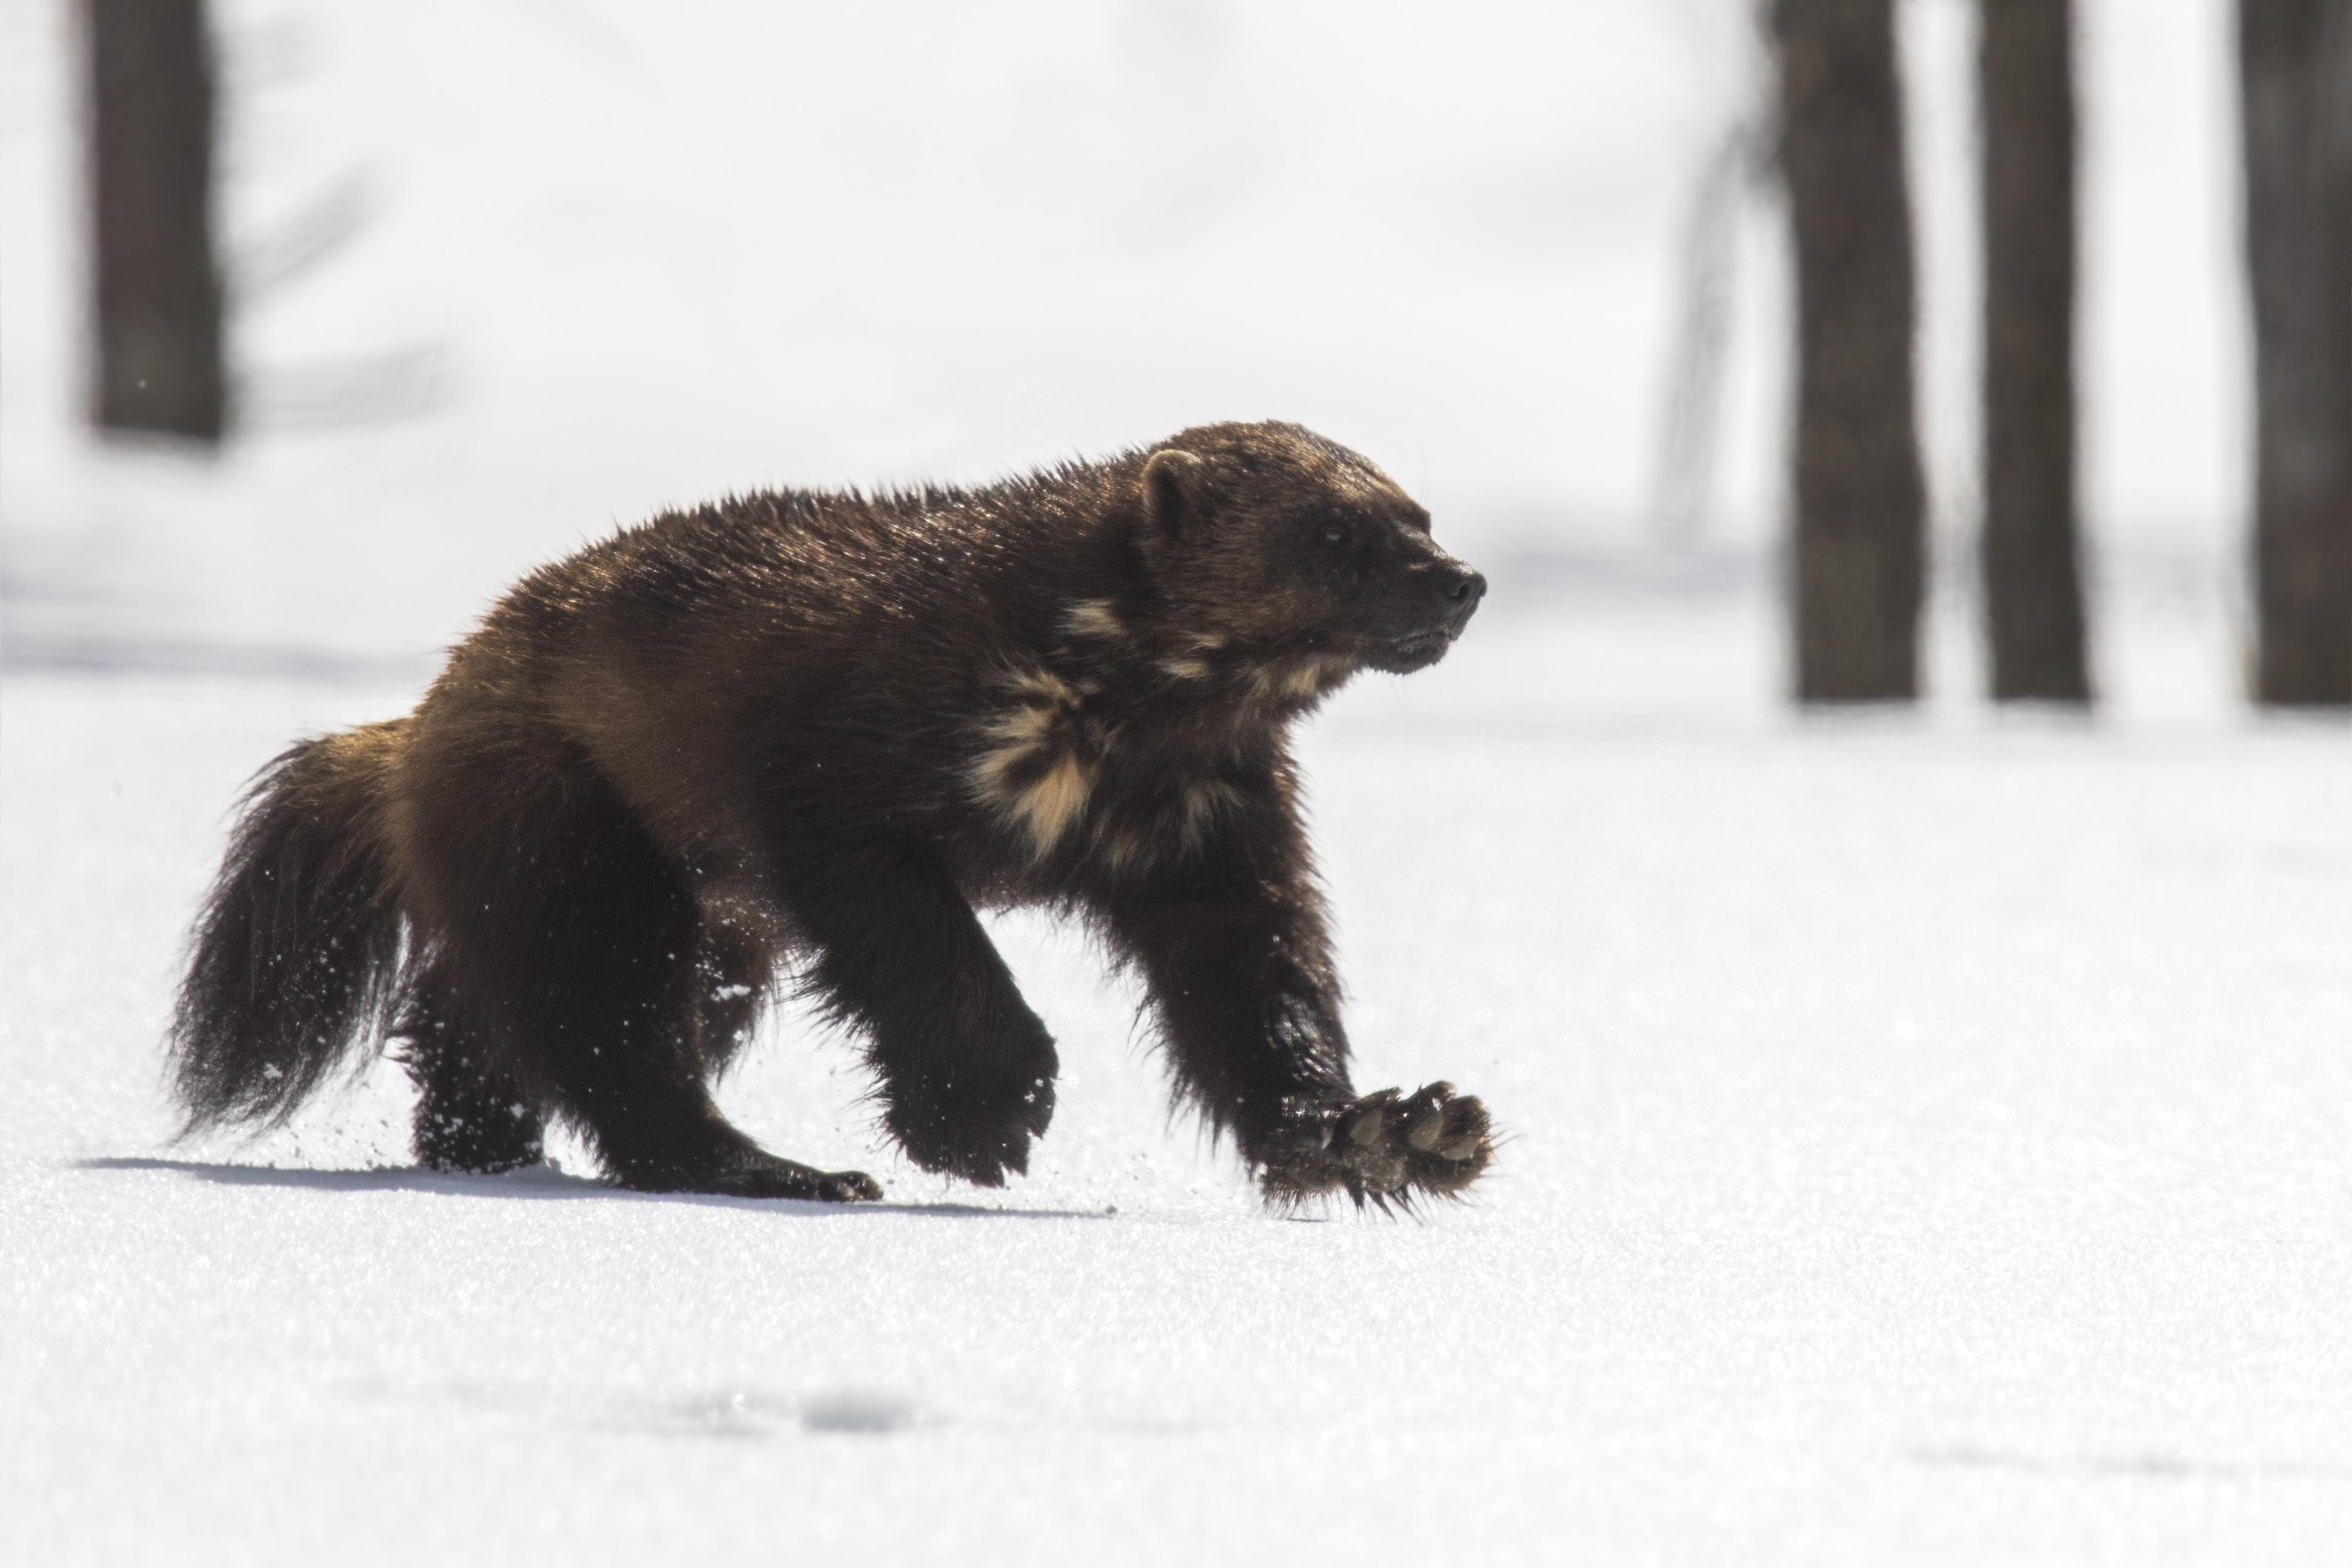 Nature_Talks-fotoreis-finland-veelvraat-wolverine-petersmoments